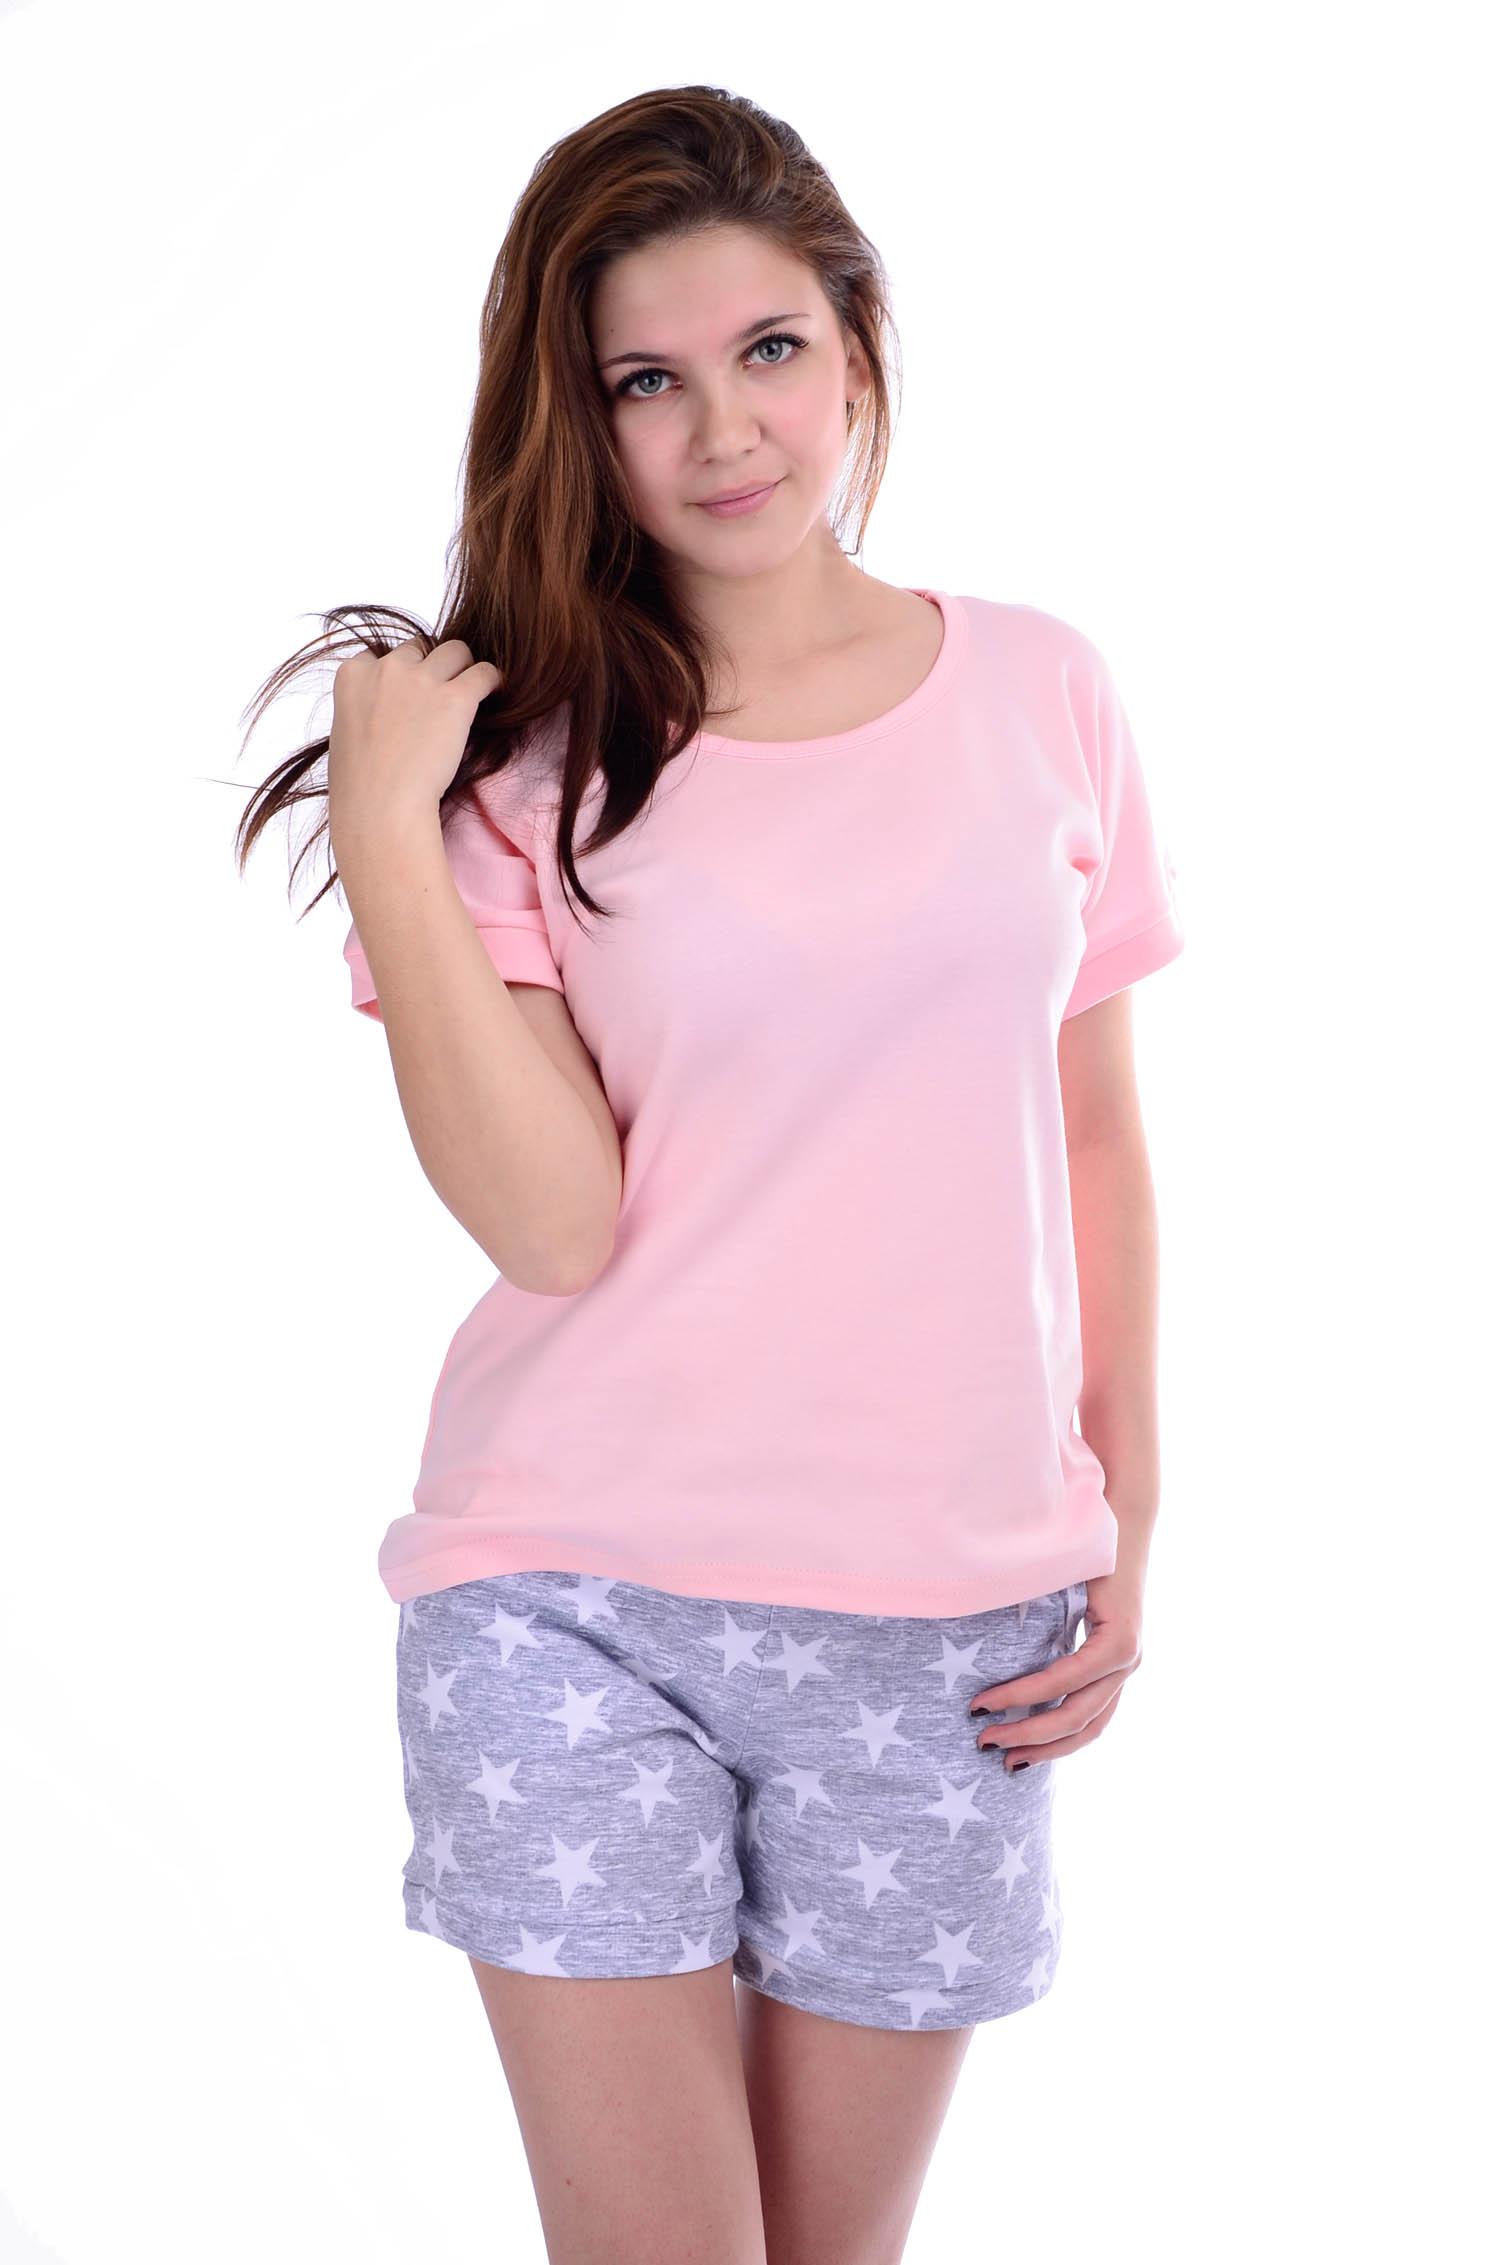 Костюм женский Мираж футболка и шортыДомашняя одежда<br><br><br>Размер: 50